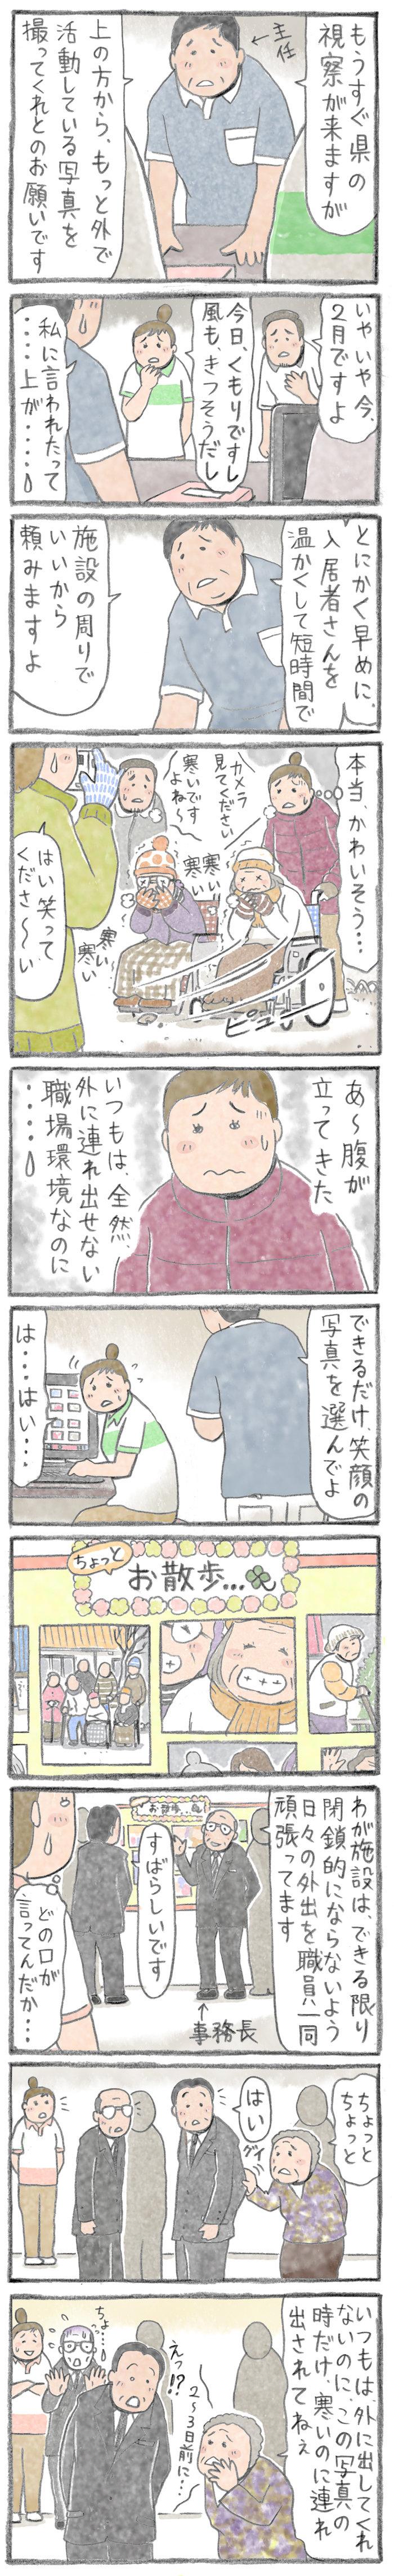 視察団.jpg